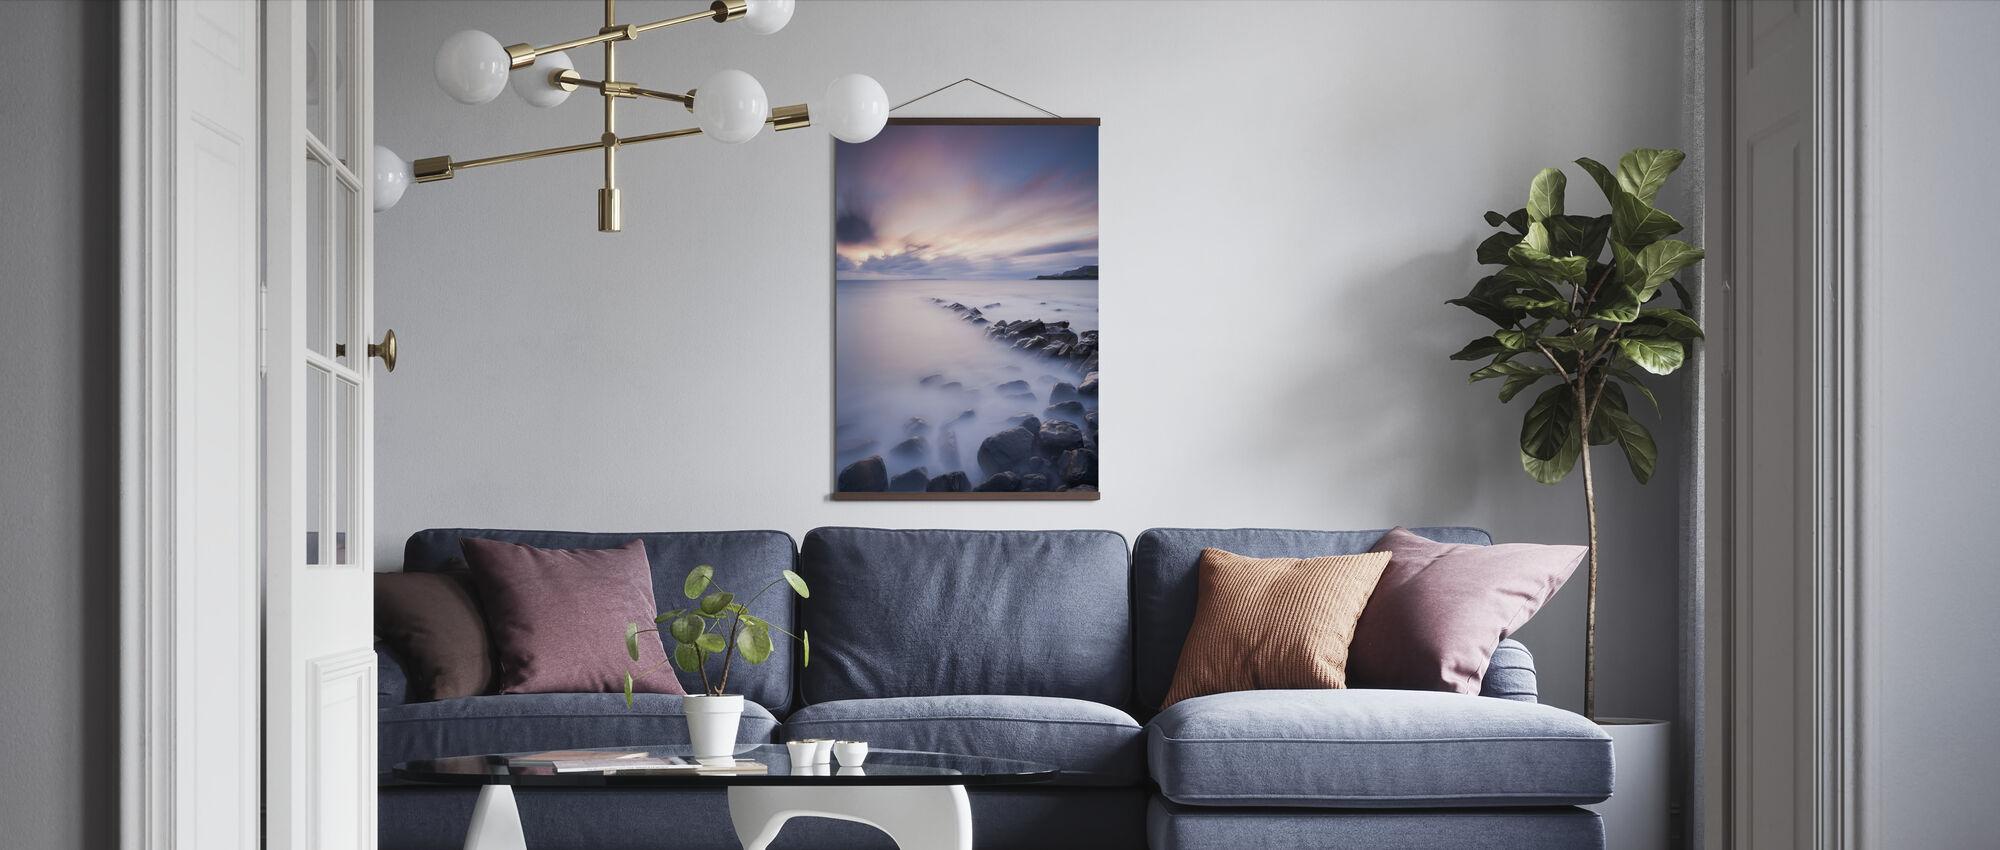 Kimmeridge Bay at Sunset - Poster - Living Room